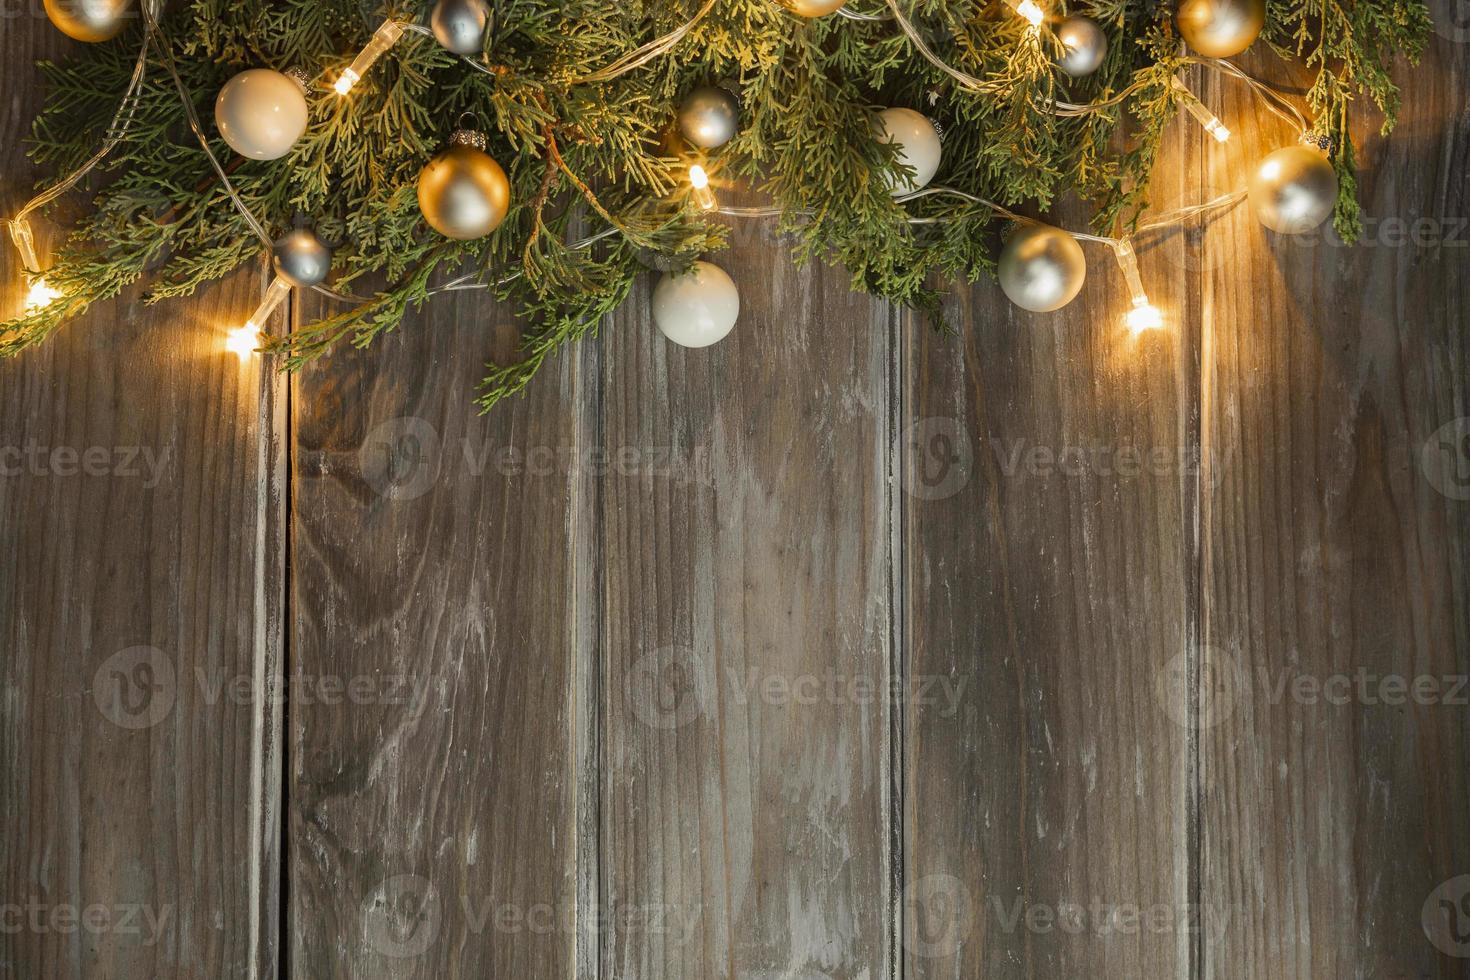 moldura plana com luzes de árvore de Natal iluminadas em fundo de madeira foto